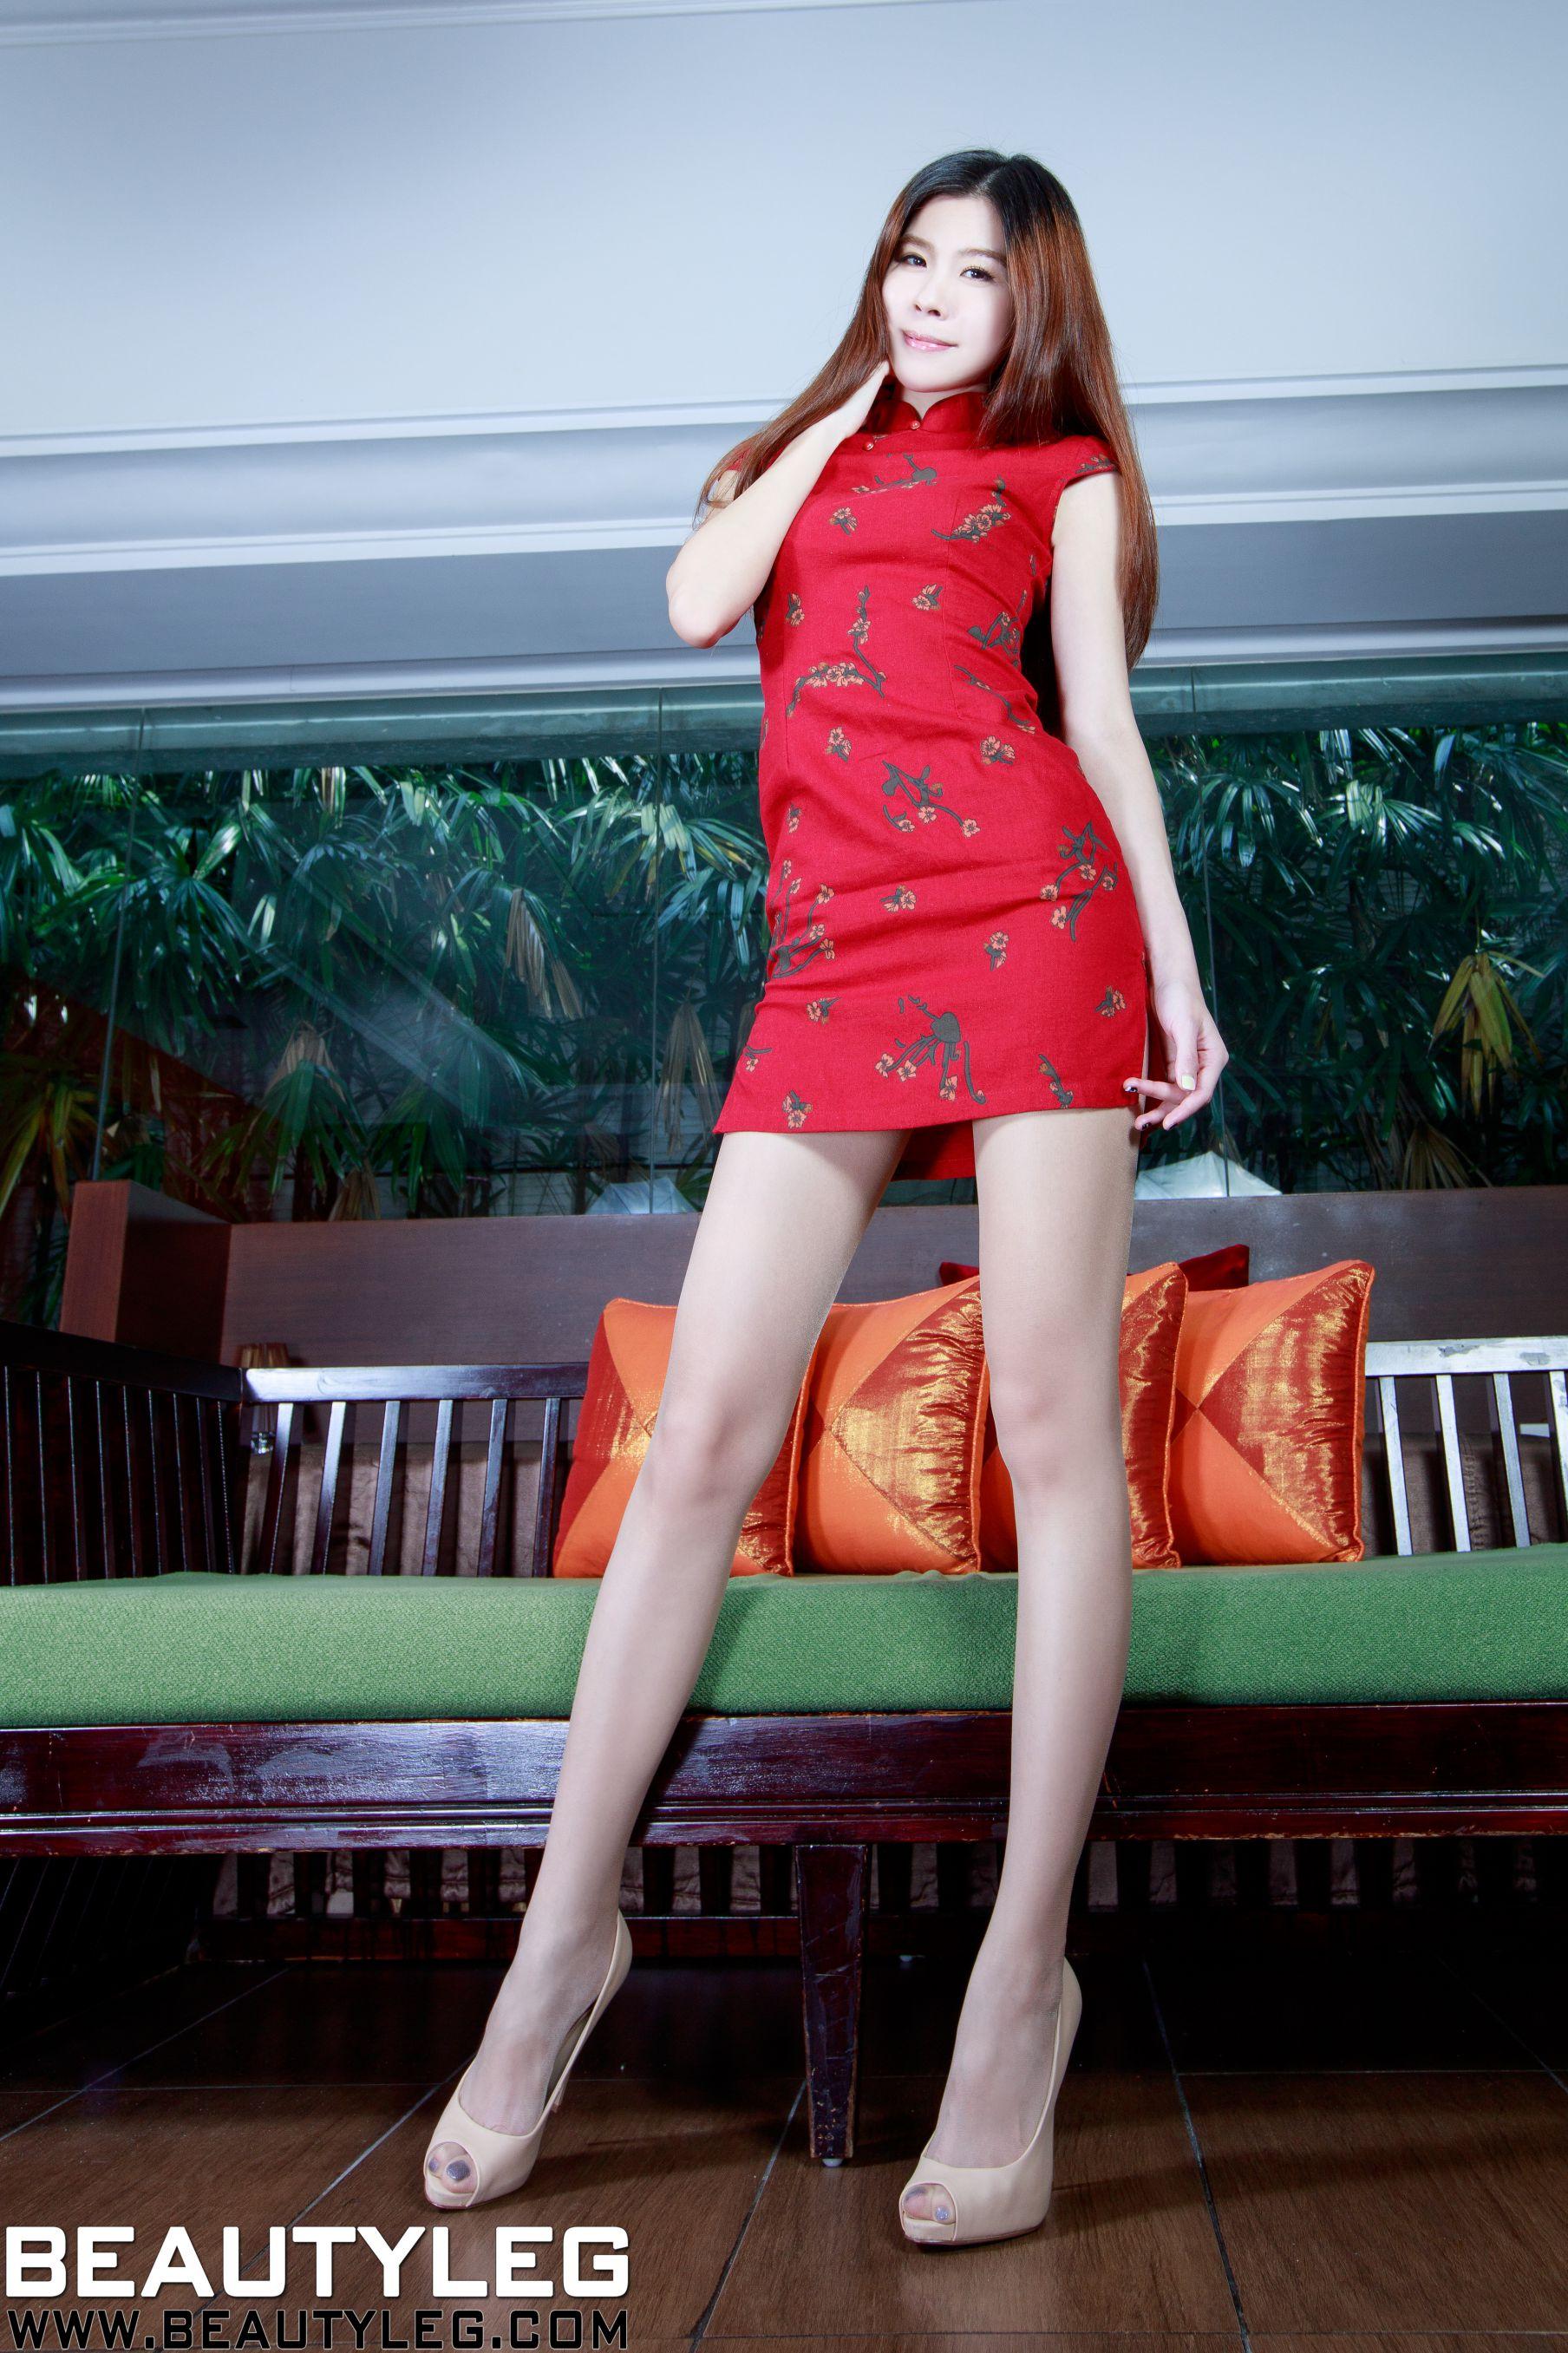 VOL.1200 [Beautyleg]包臀裙美女长腿美女:腿模Sarah高品质写真套图(46P)